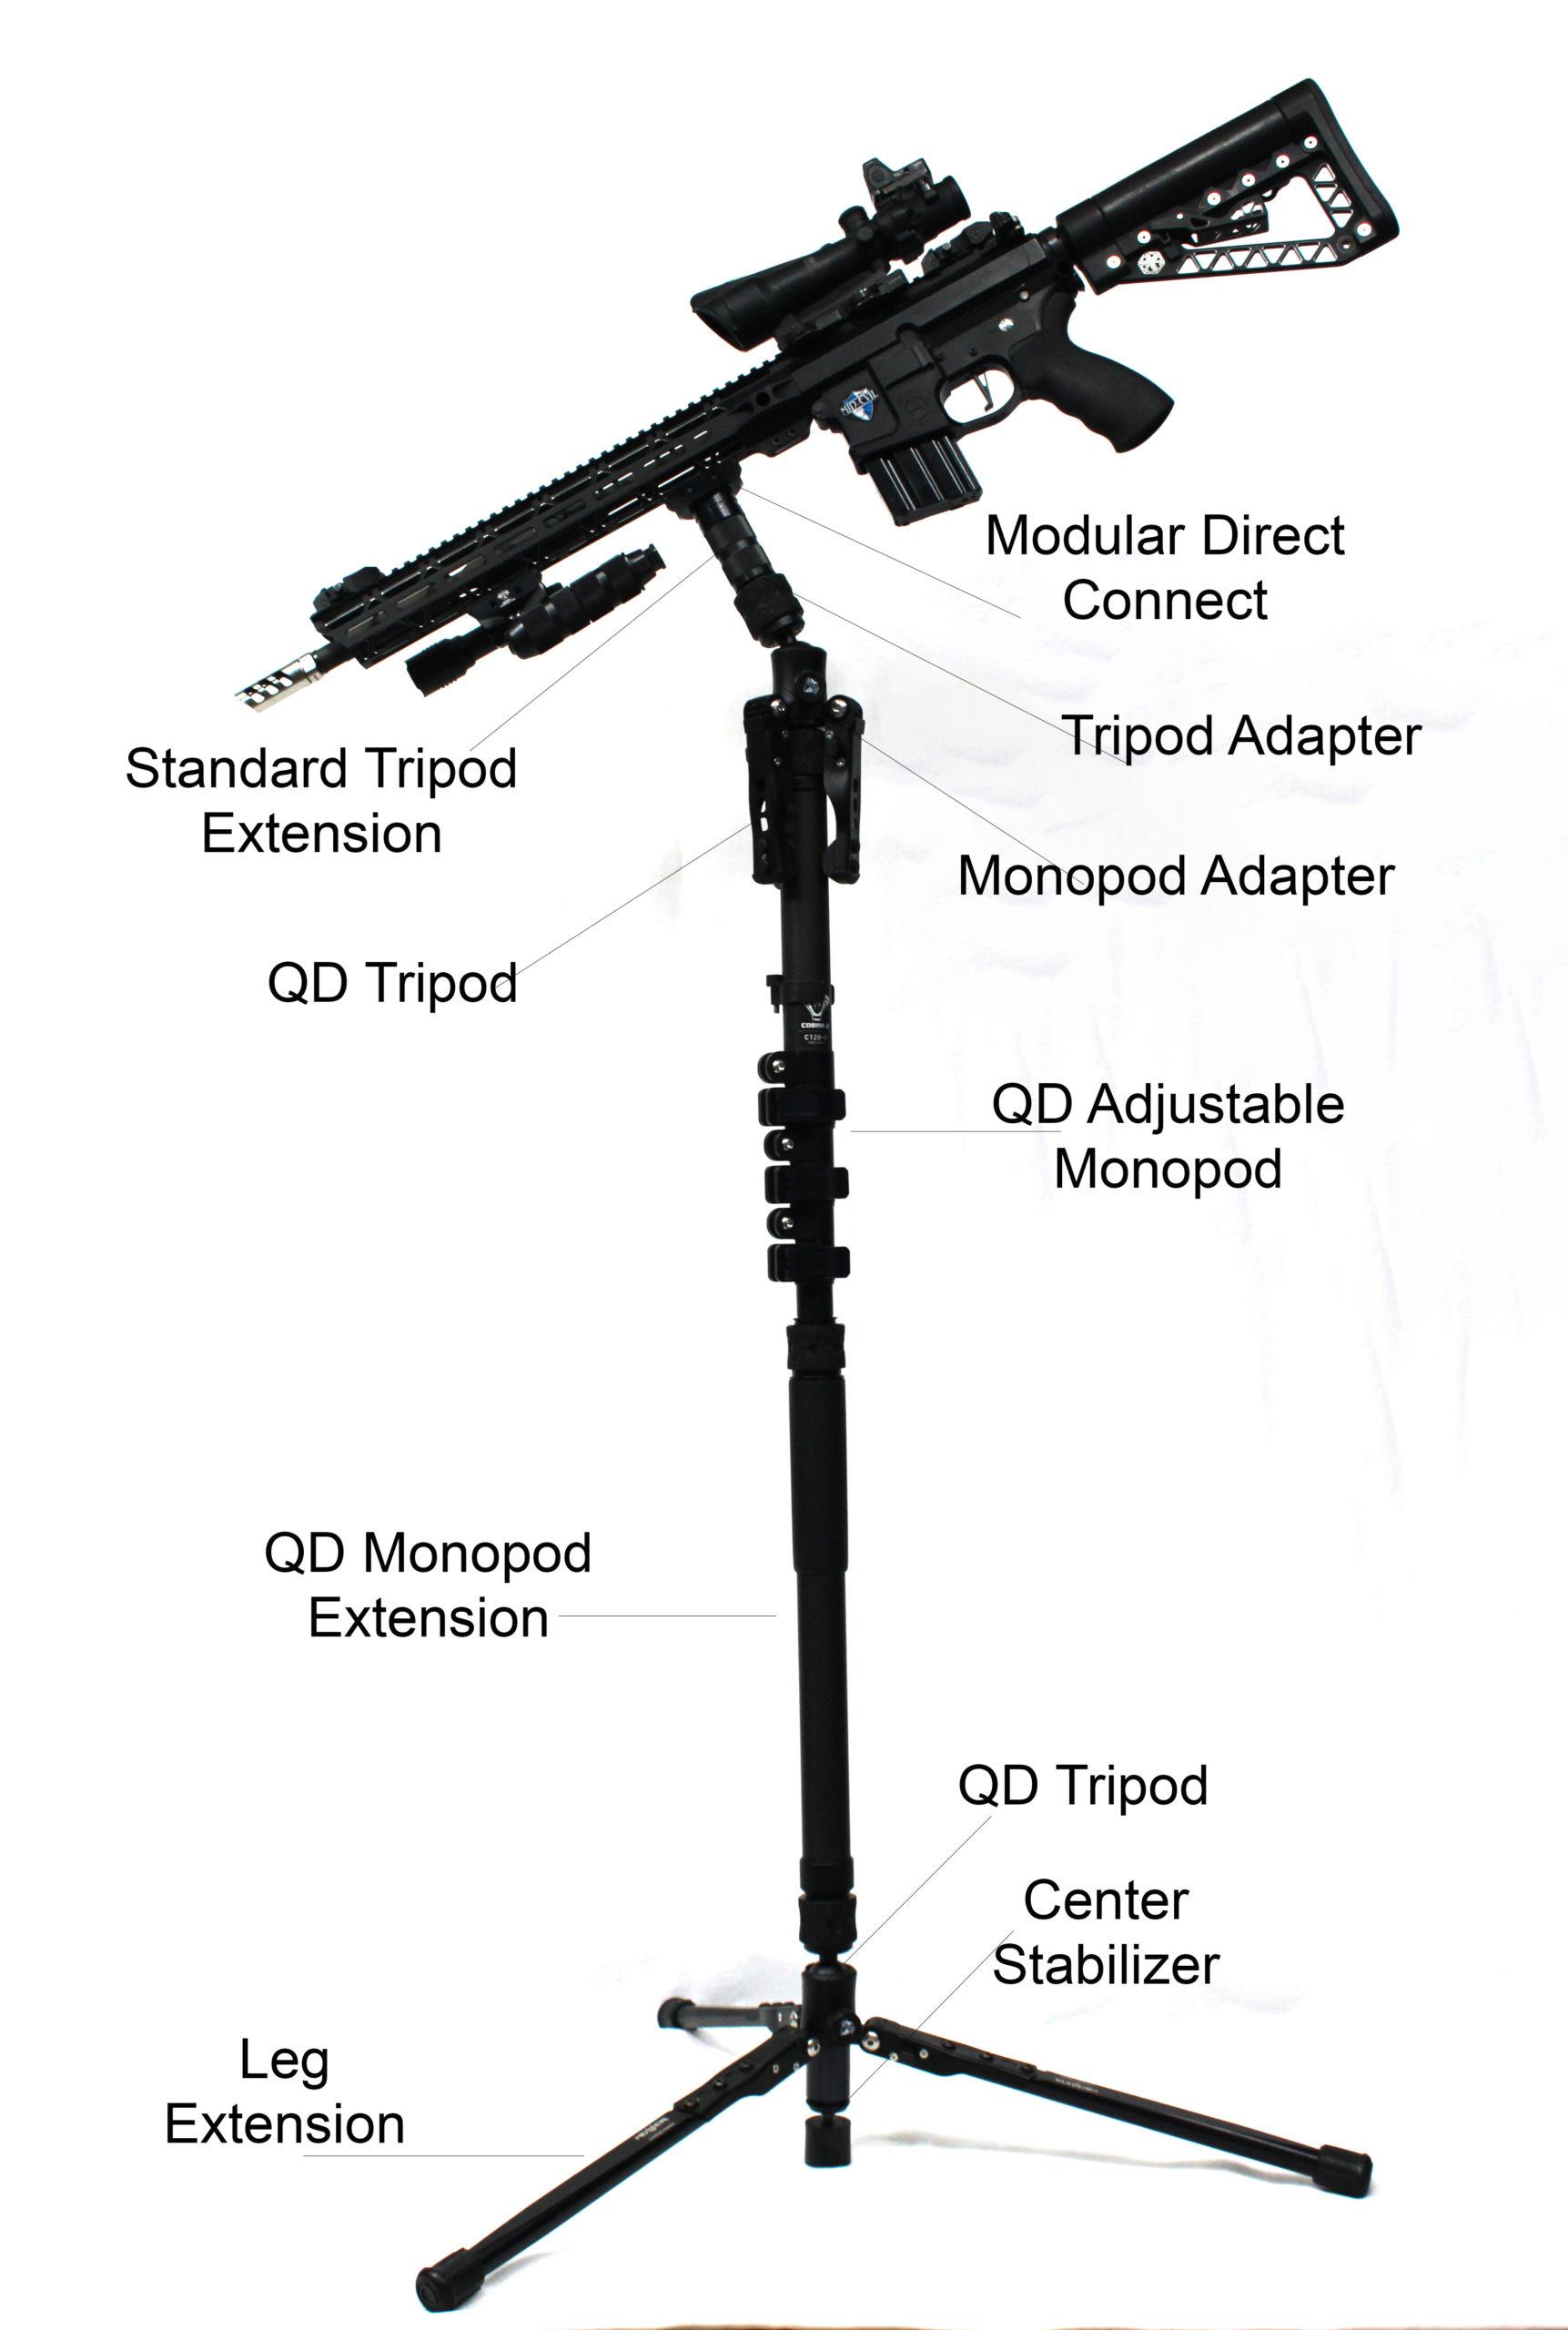 Sistema de trípode / monopié de desmontaje rápido Overwatch Commander de Mid-Evil Industries